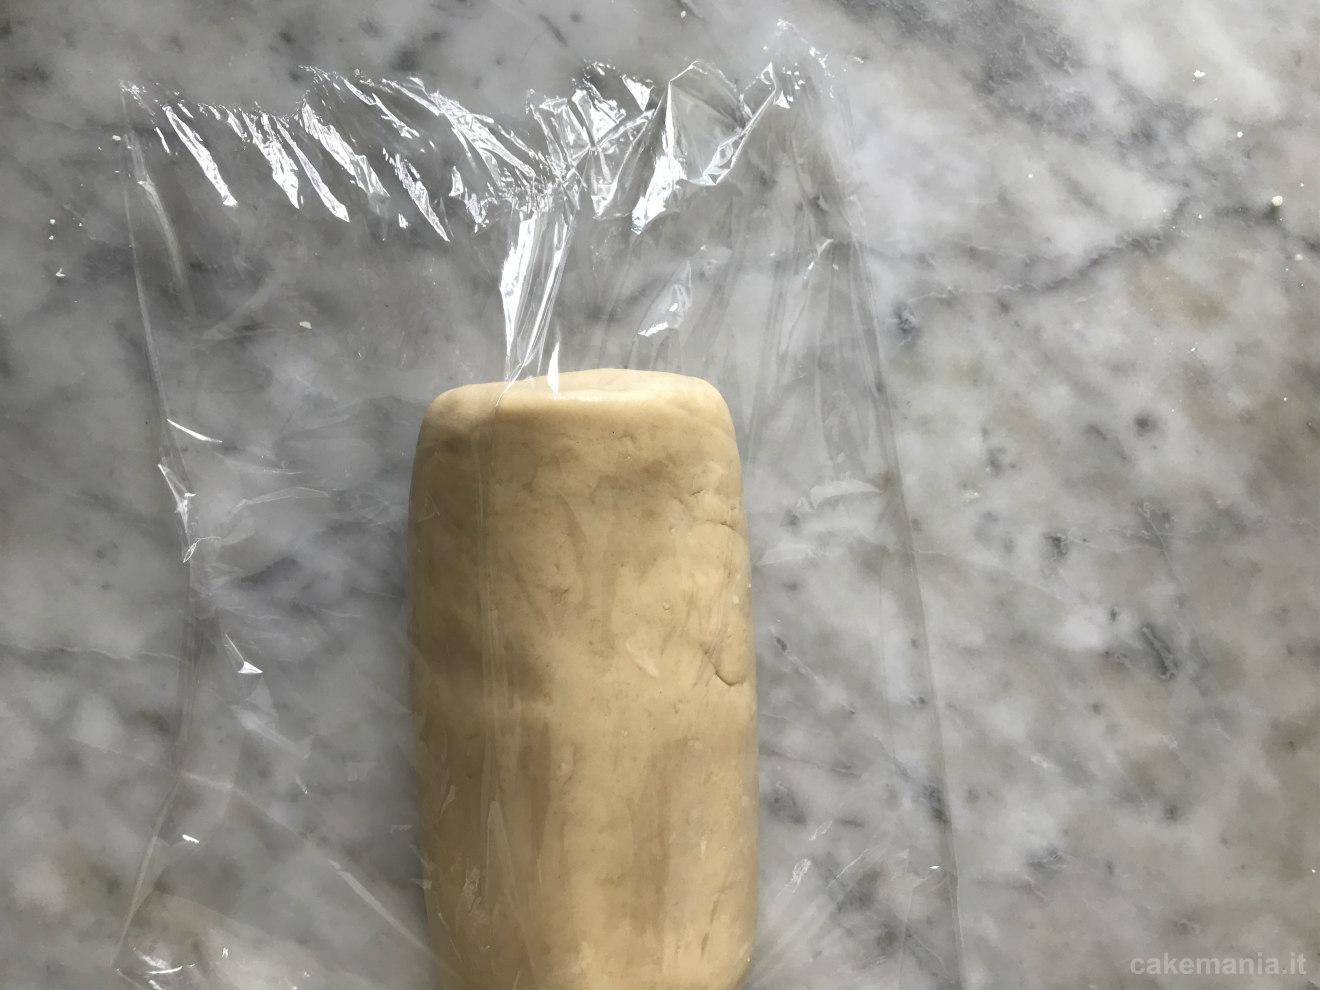 rotolo di pasta frolla nella pellicola